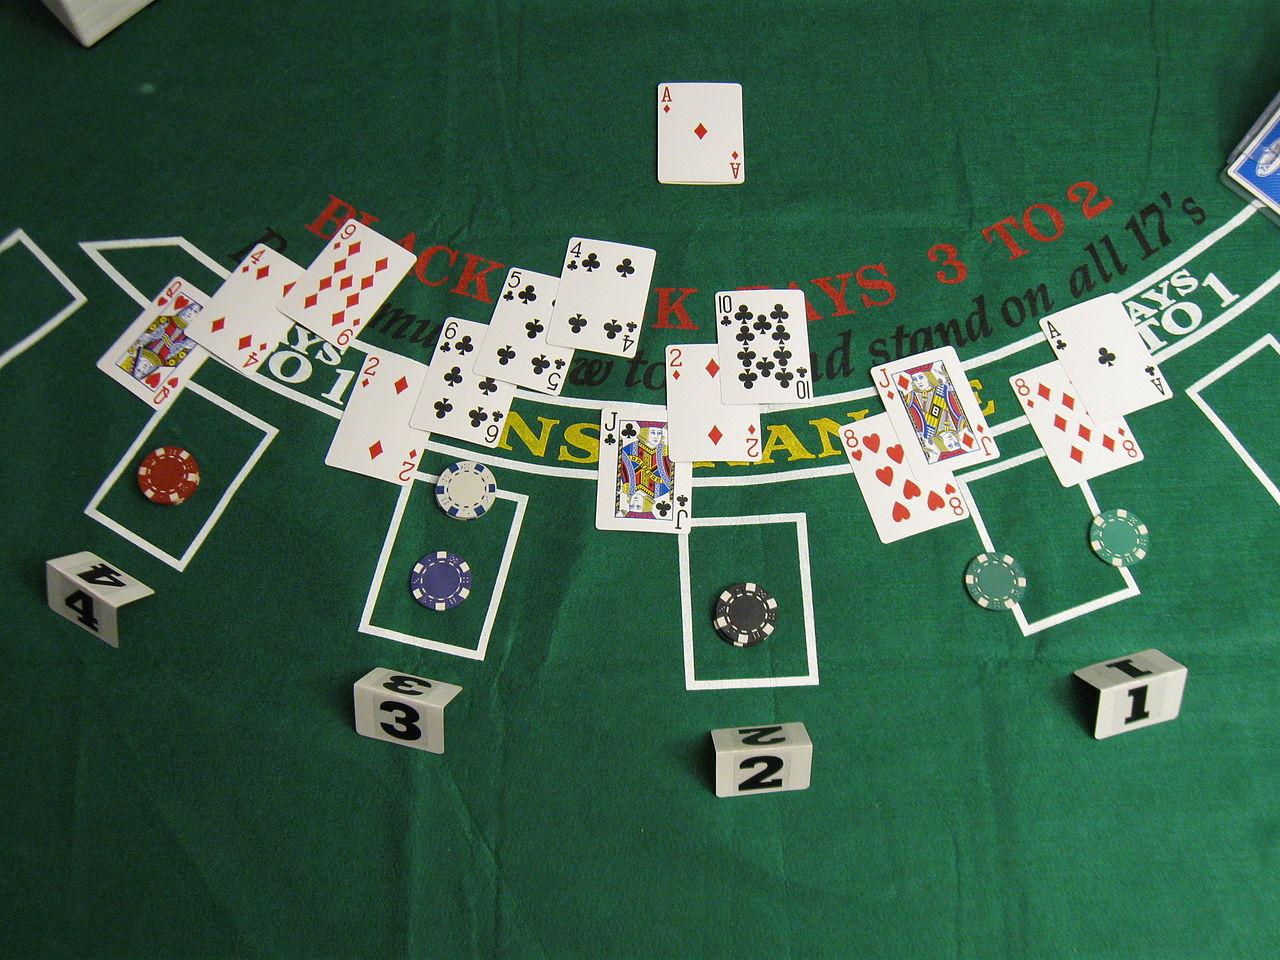 Blackjack table top view - File Blackjack Game 2 Jpg